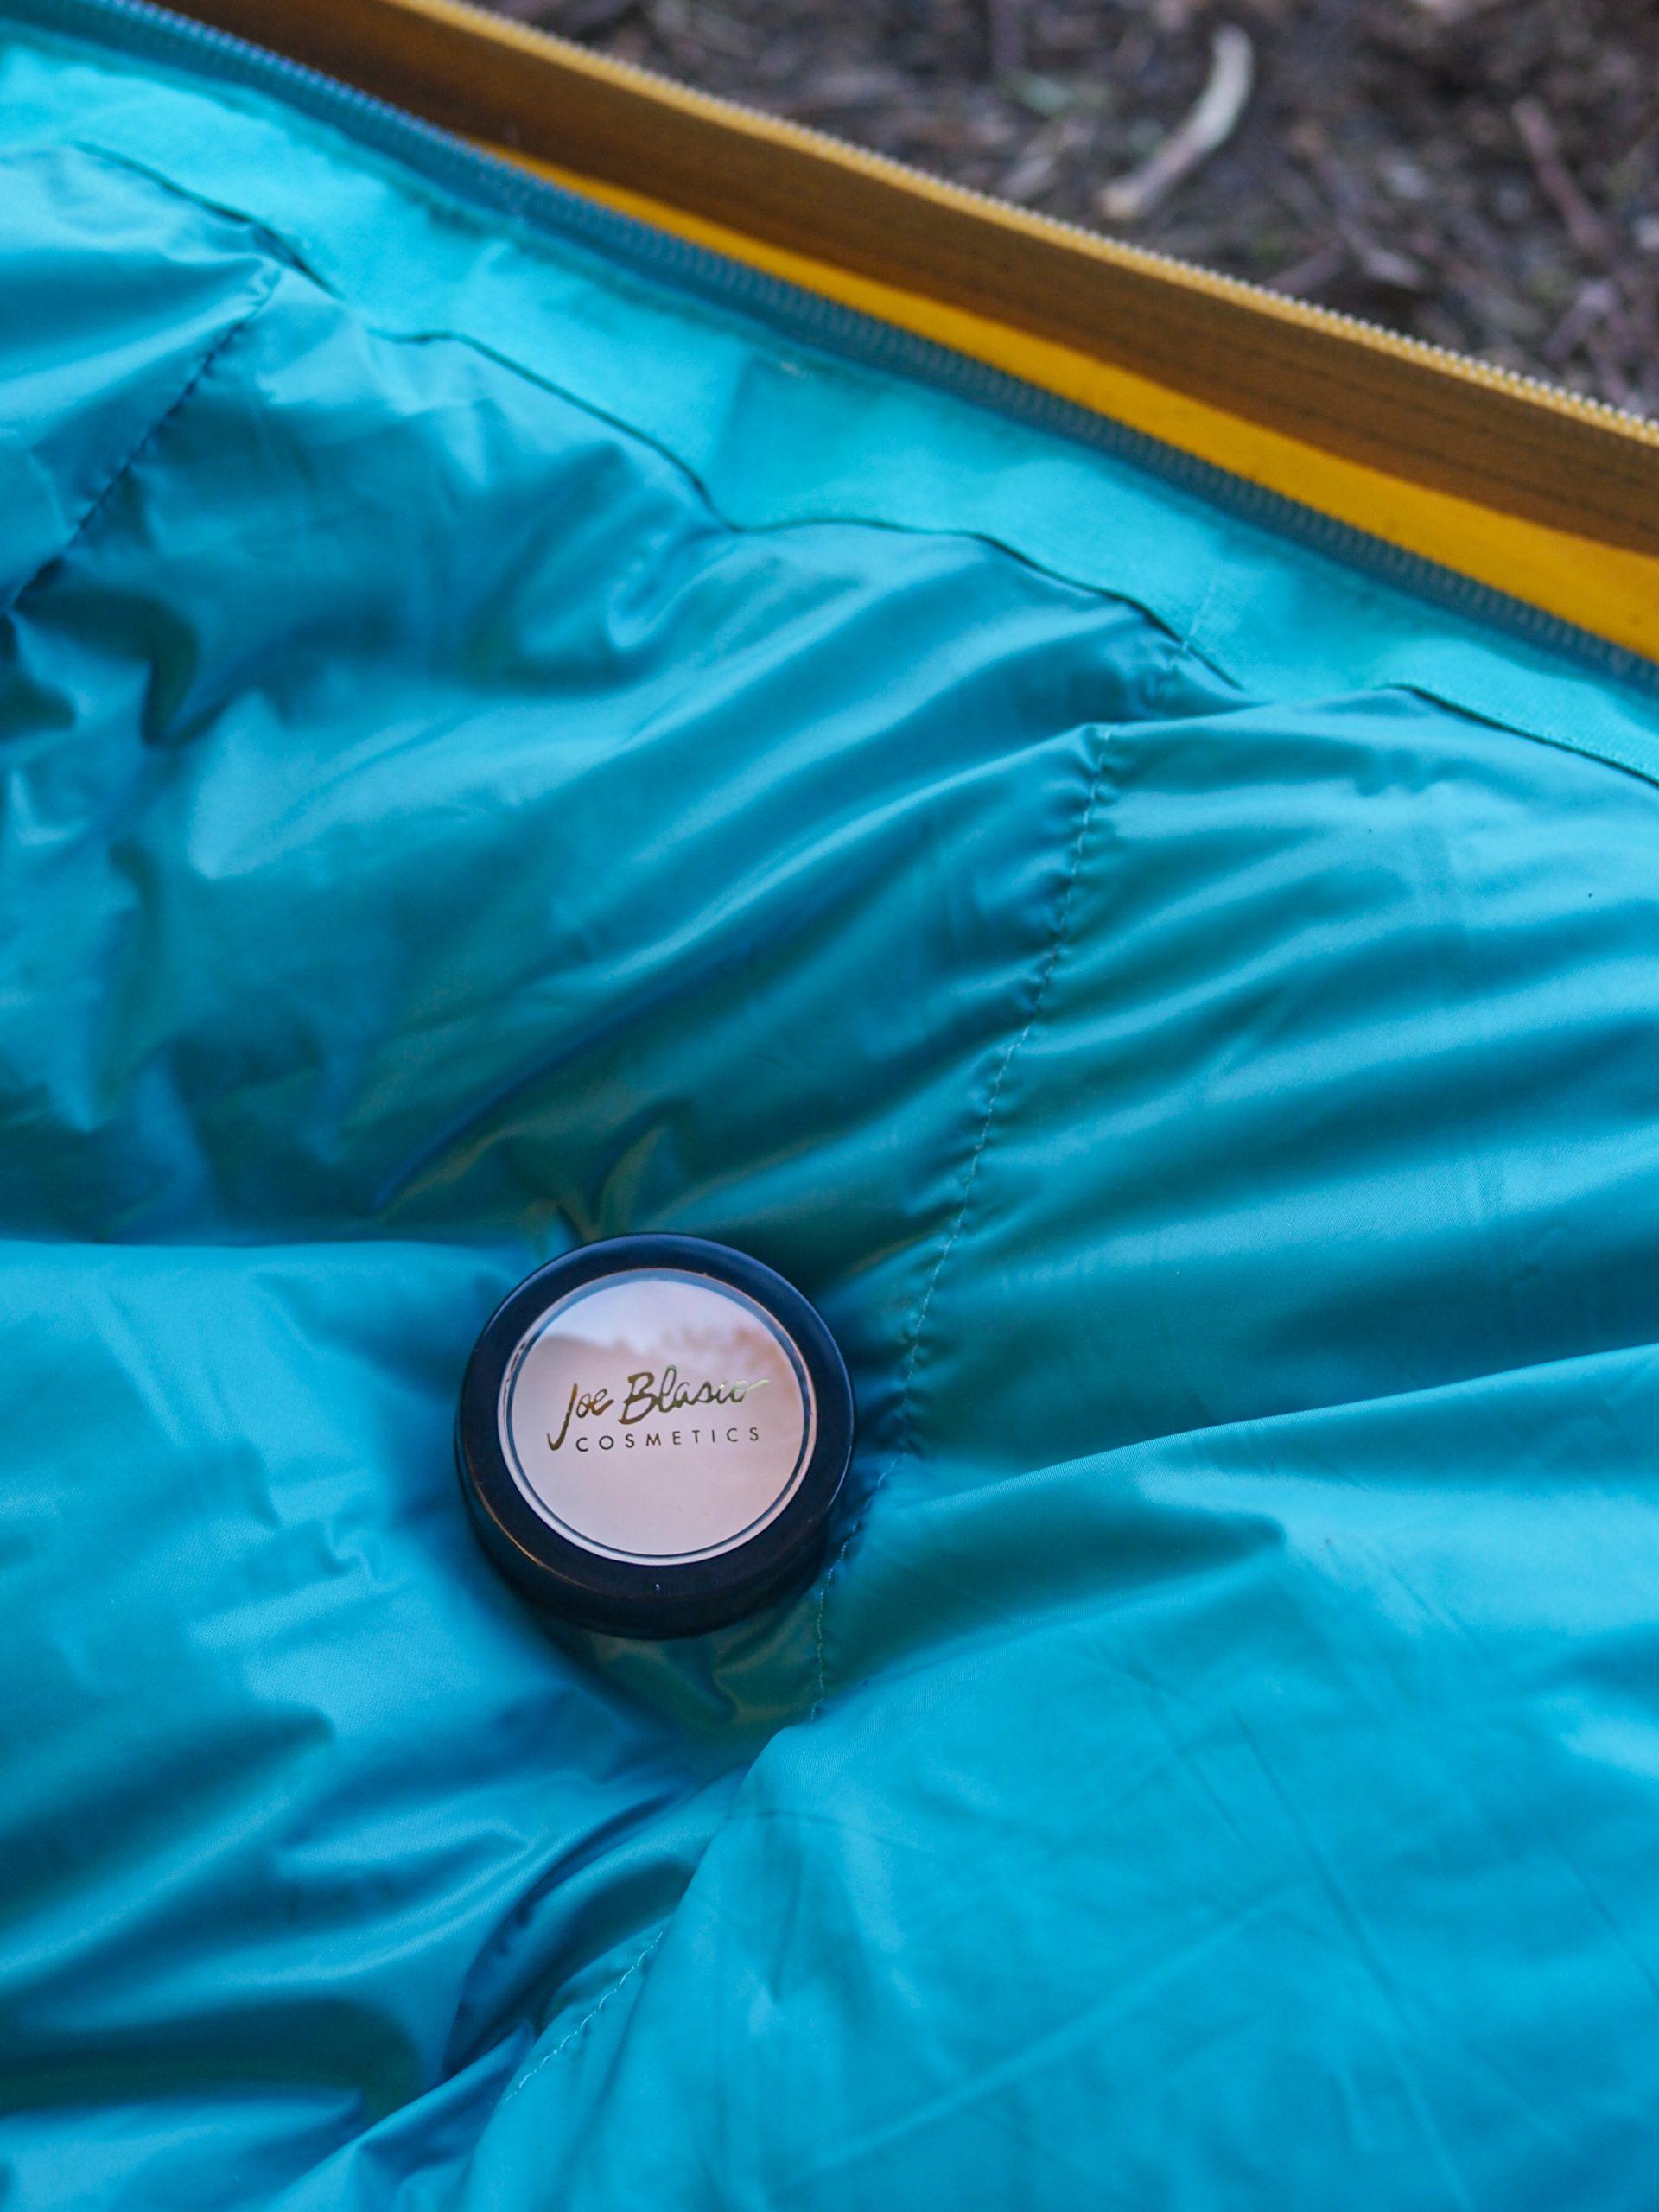 Joe Blascon peitevoide makuupussin päällä teltassa